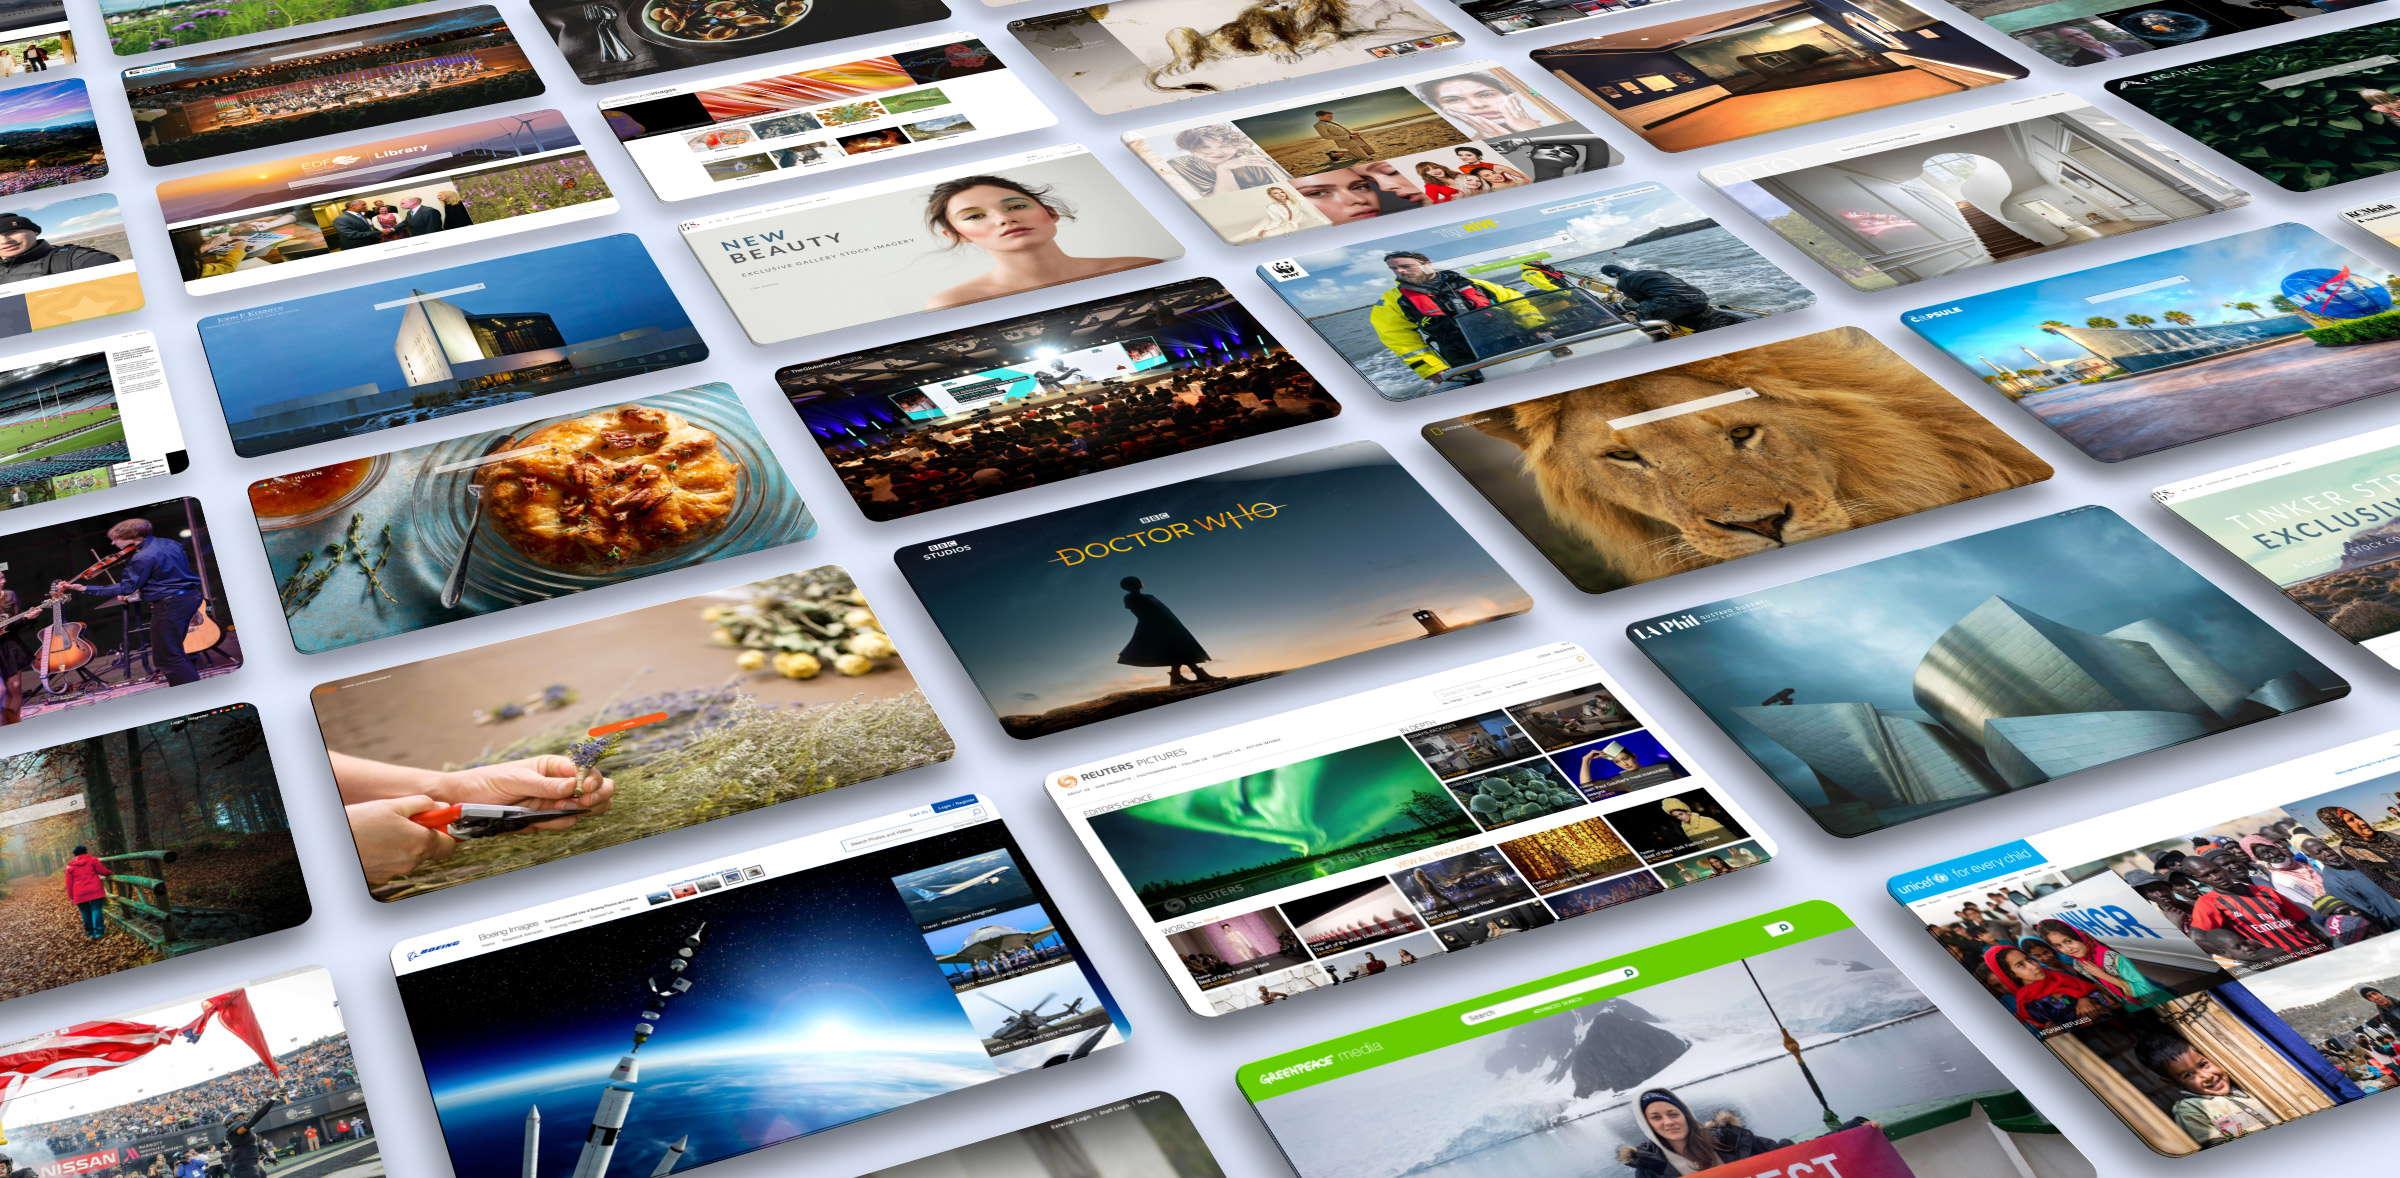 enterprise dam software screenshots